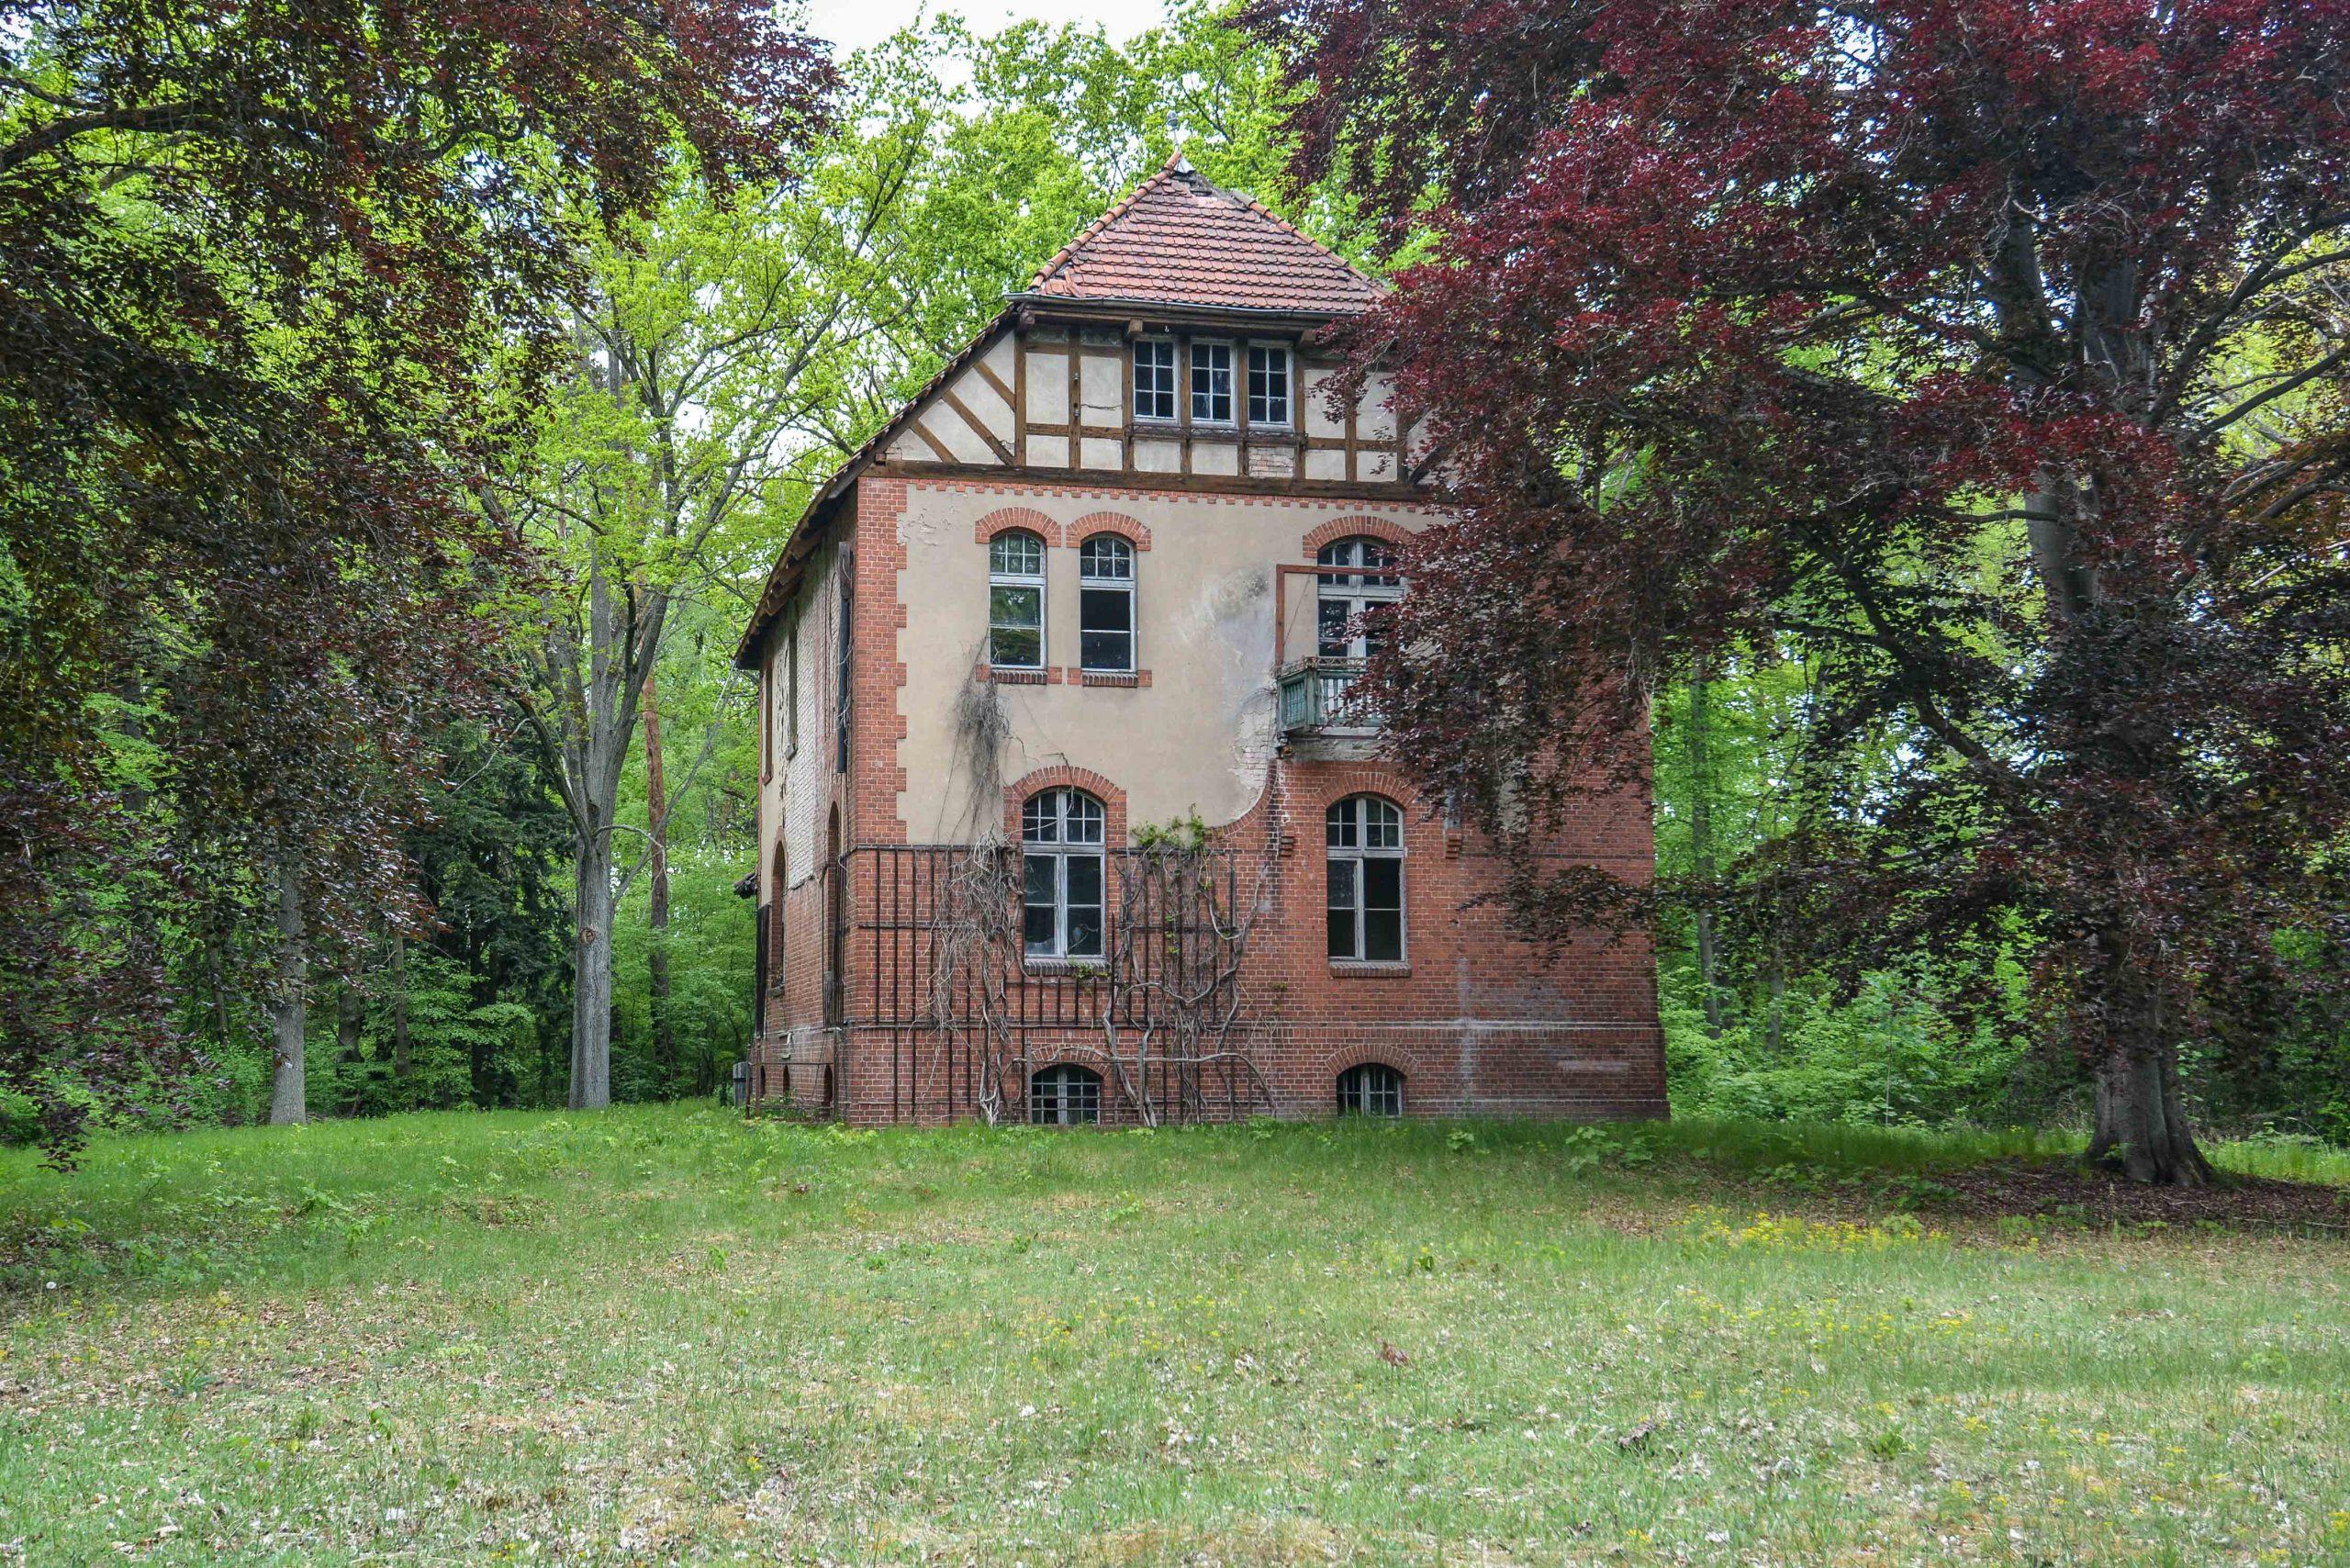 directors villa tuberkulose heilstaette grabowsee sanatorium hospital oranienburg lost places abandoned urbex brandenburg germany deutschland